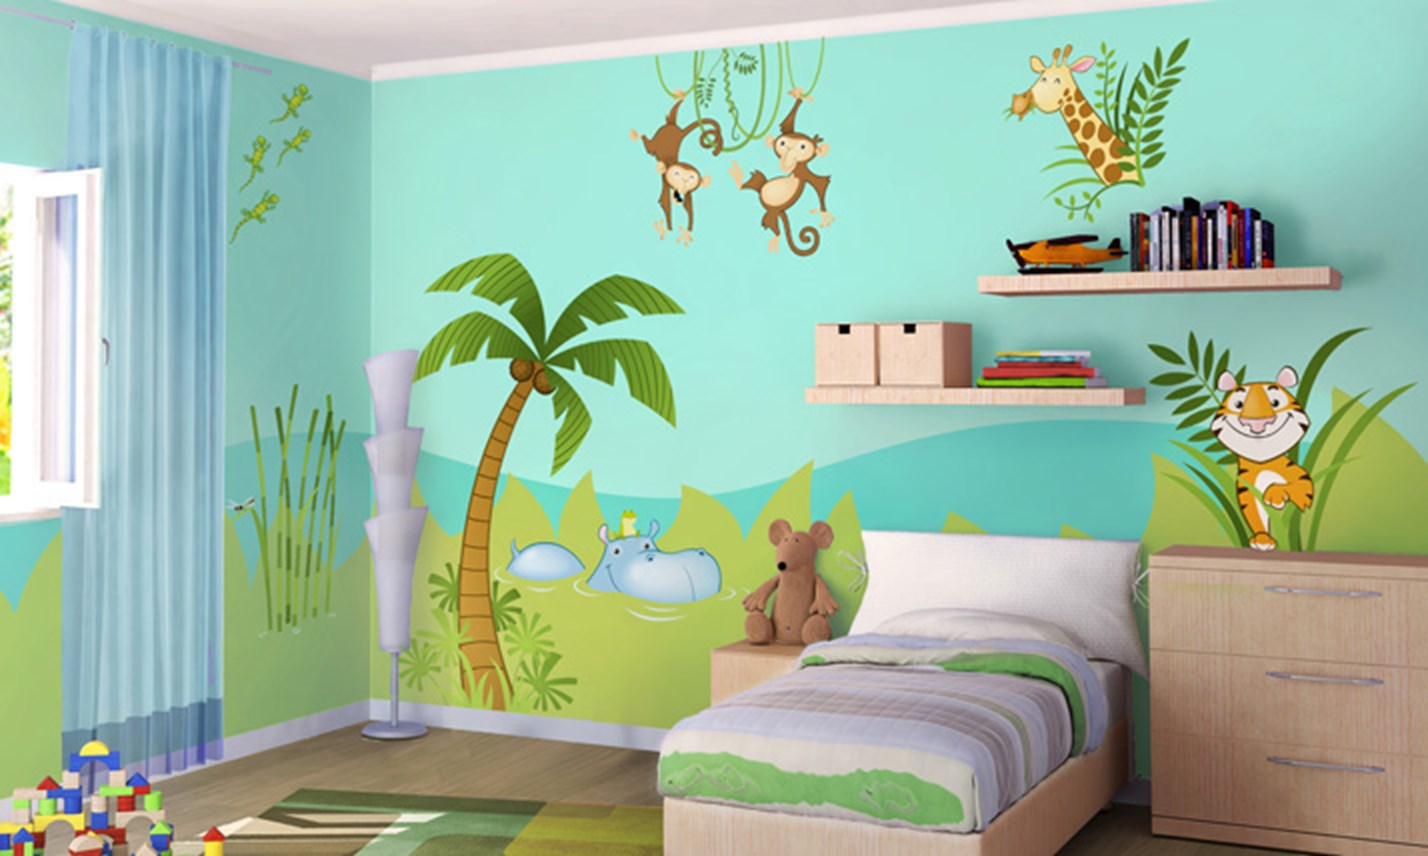 Stickers murali bambini cameretta nella giungla leostickers - Decorazioni muri camerette bambini ...